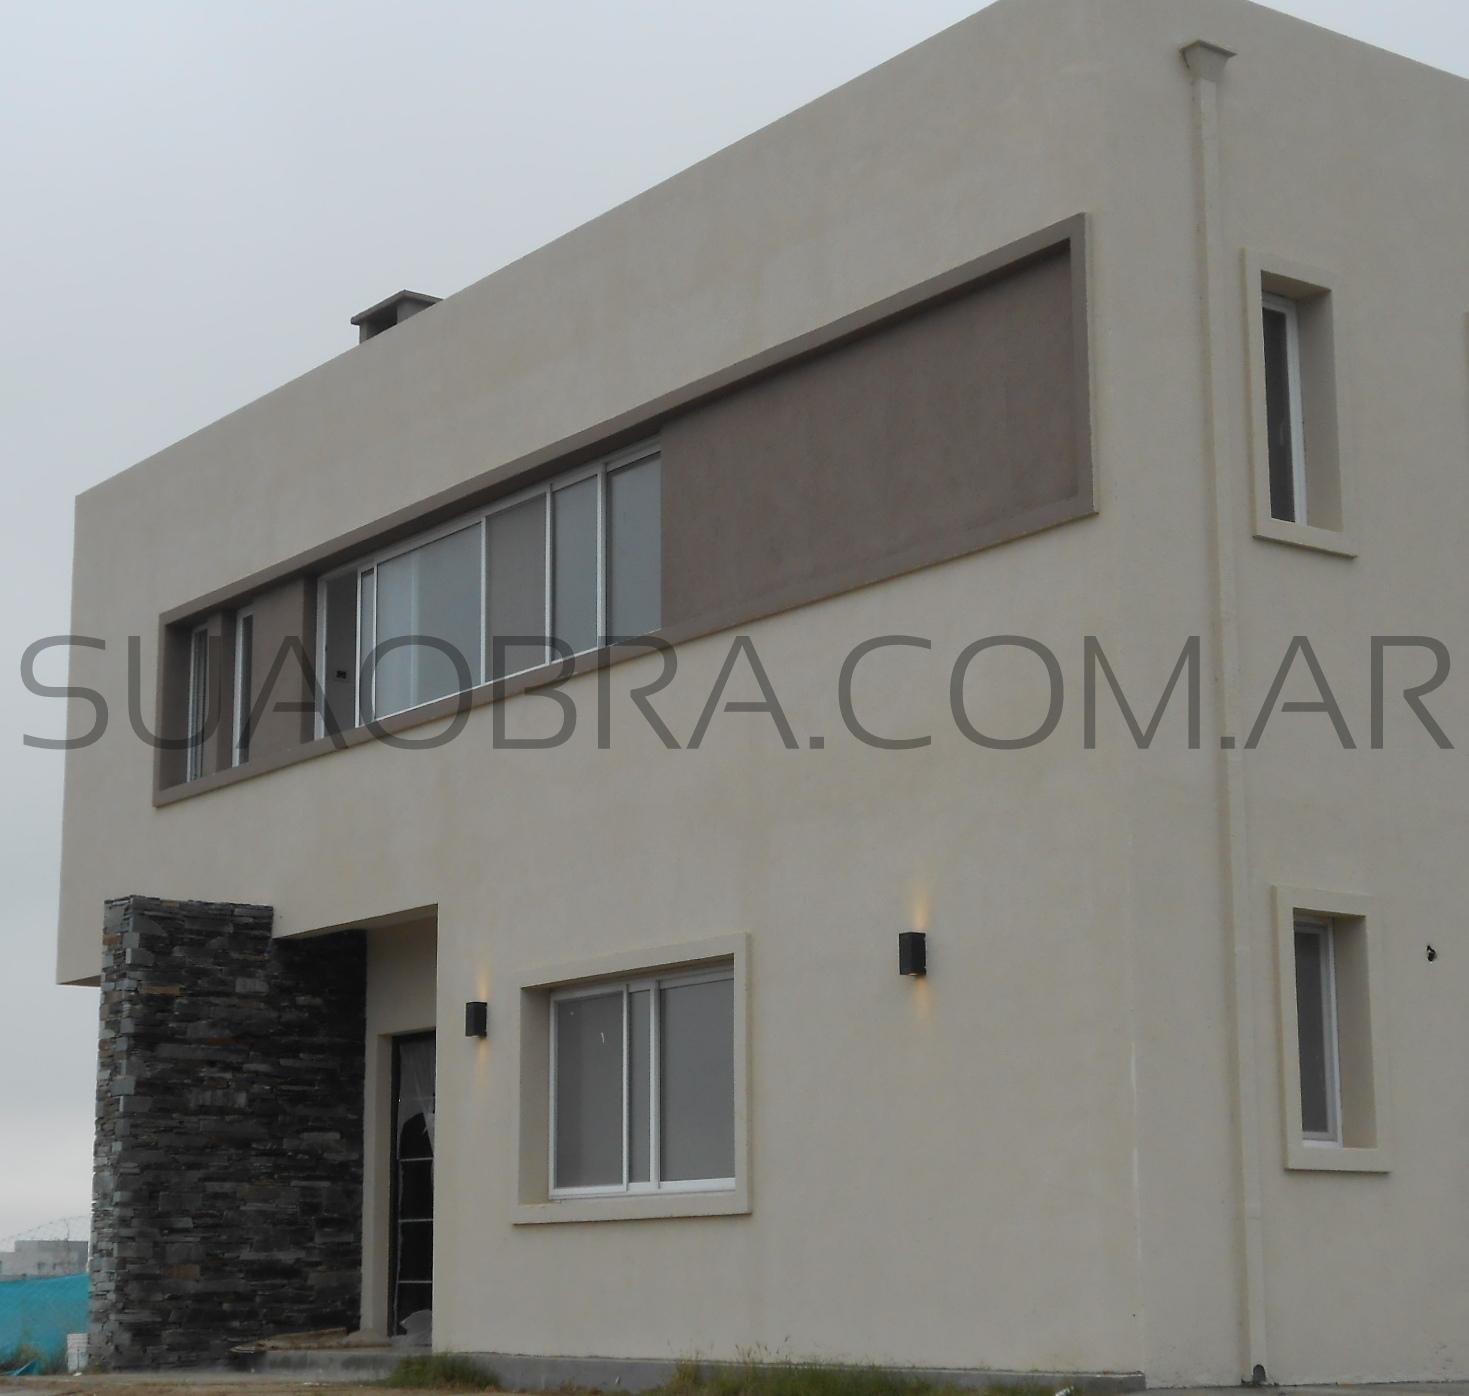 Revestimiento exterior tarquini color recubrimiento de - Revestimiento para paredes exteriores ...